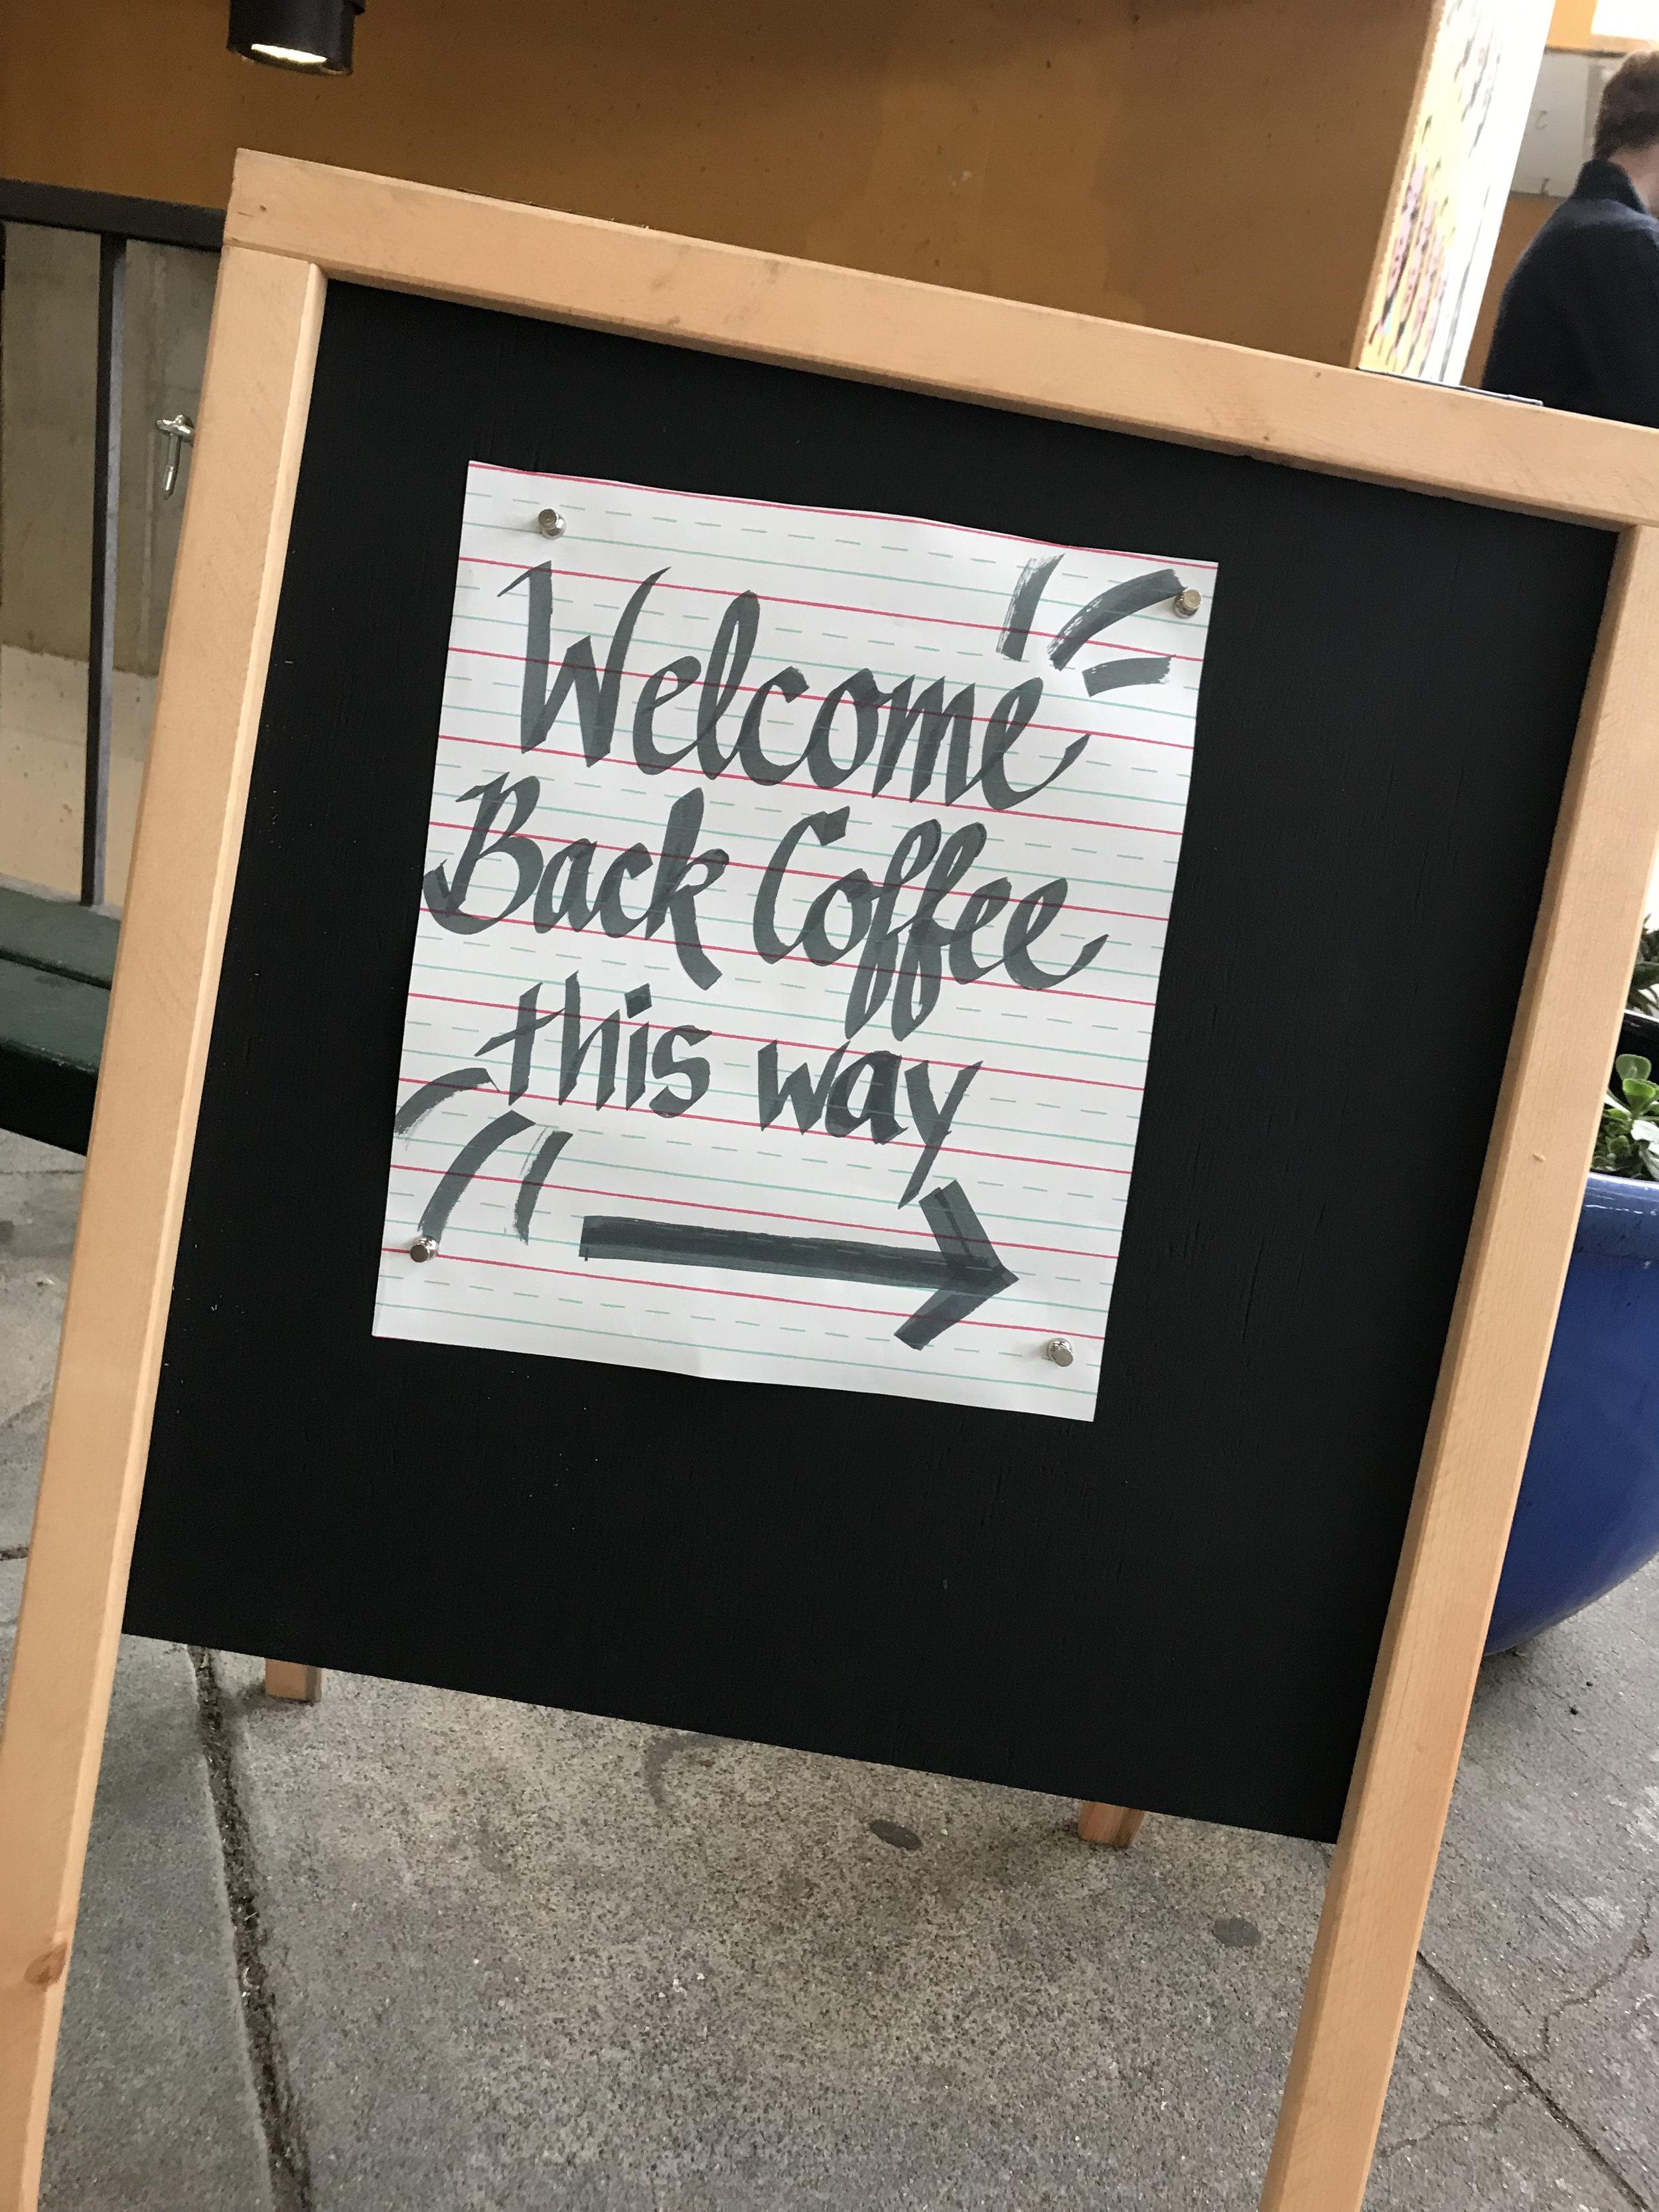 WelcomeBack.jpg